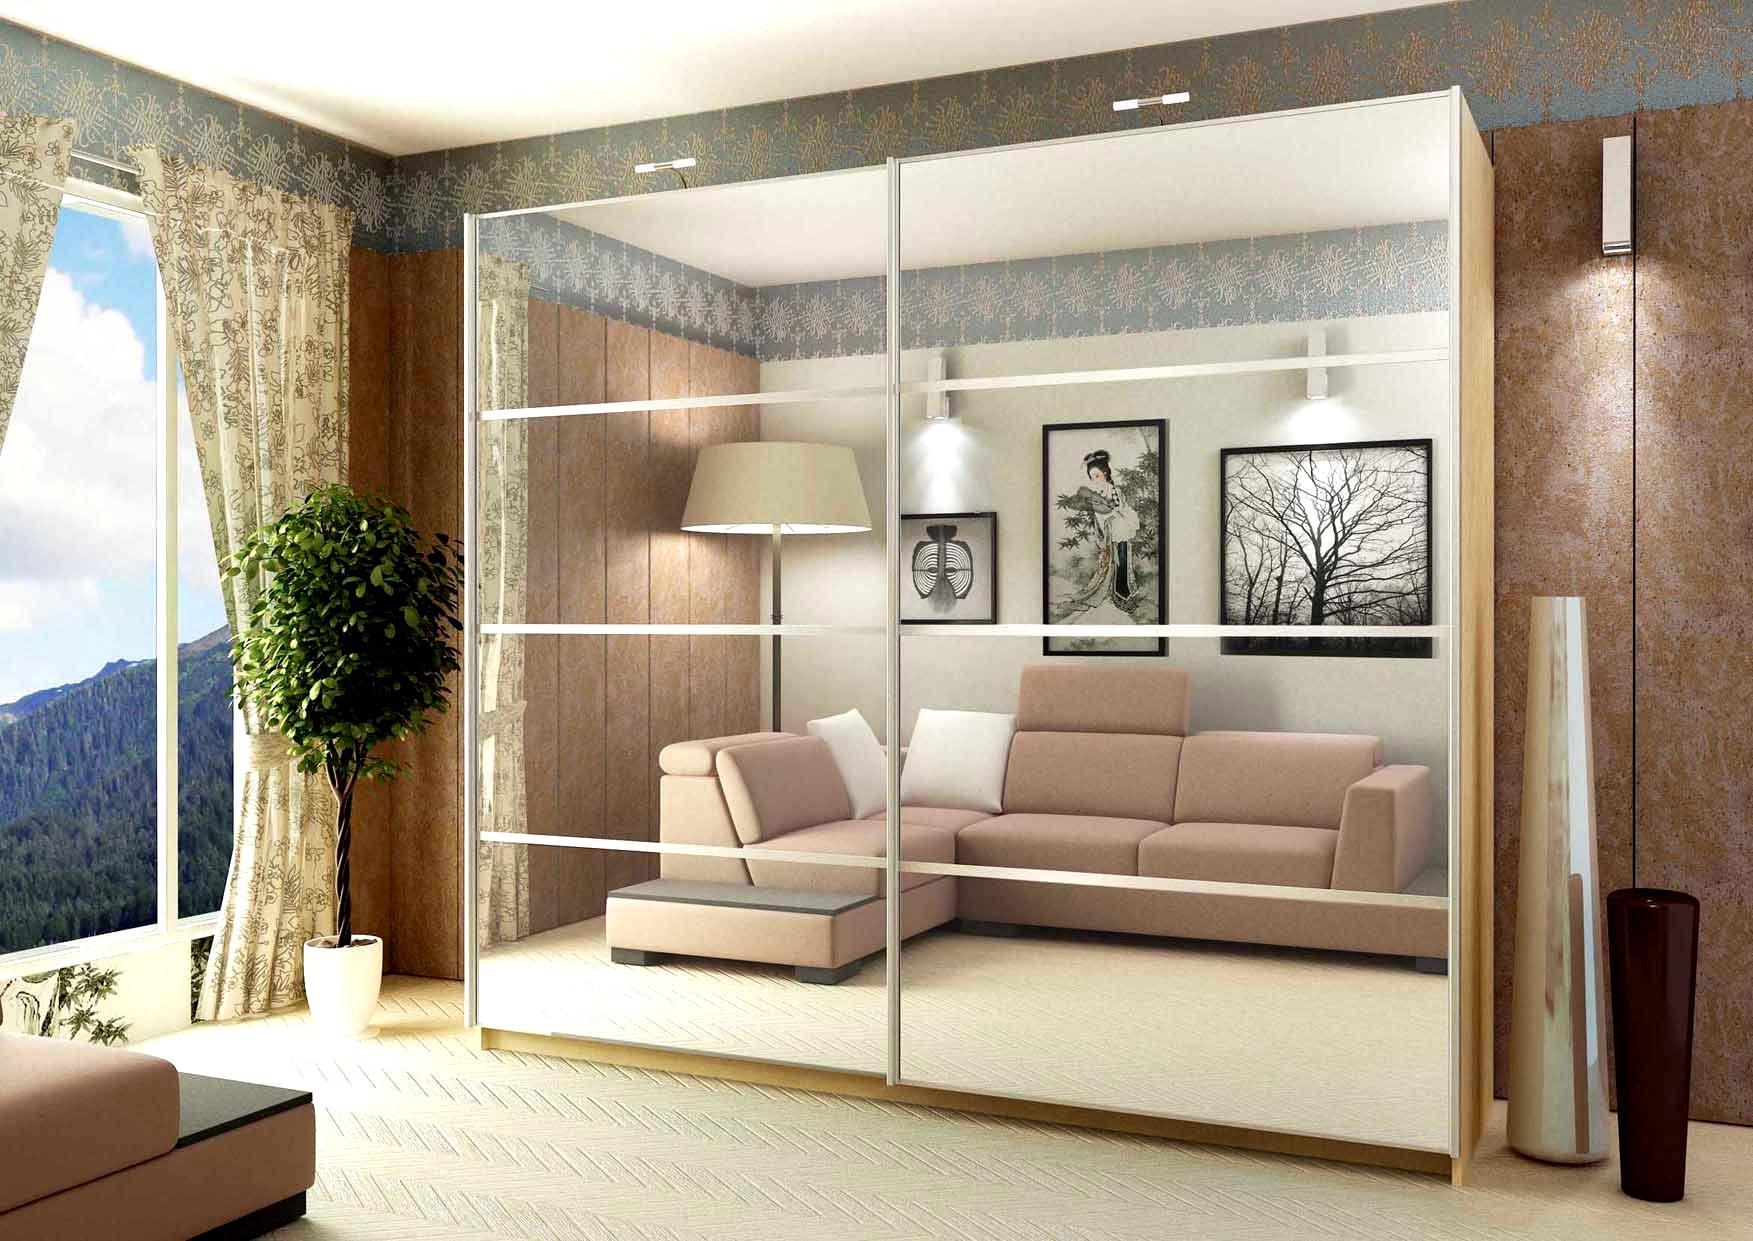 Шкафы-купе в интерьере гостиной (50 фото): идеи дизайна - фо.